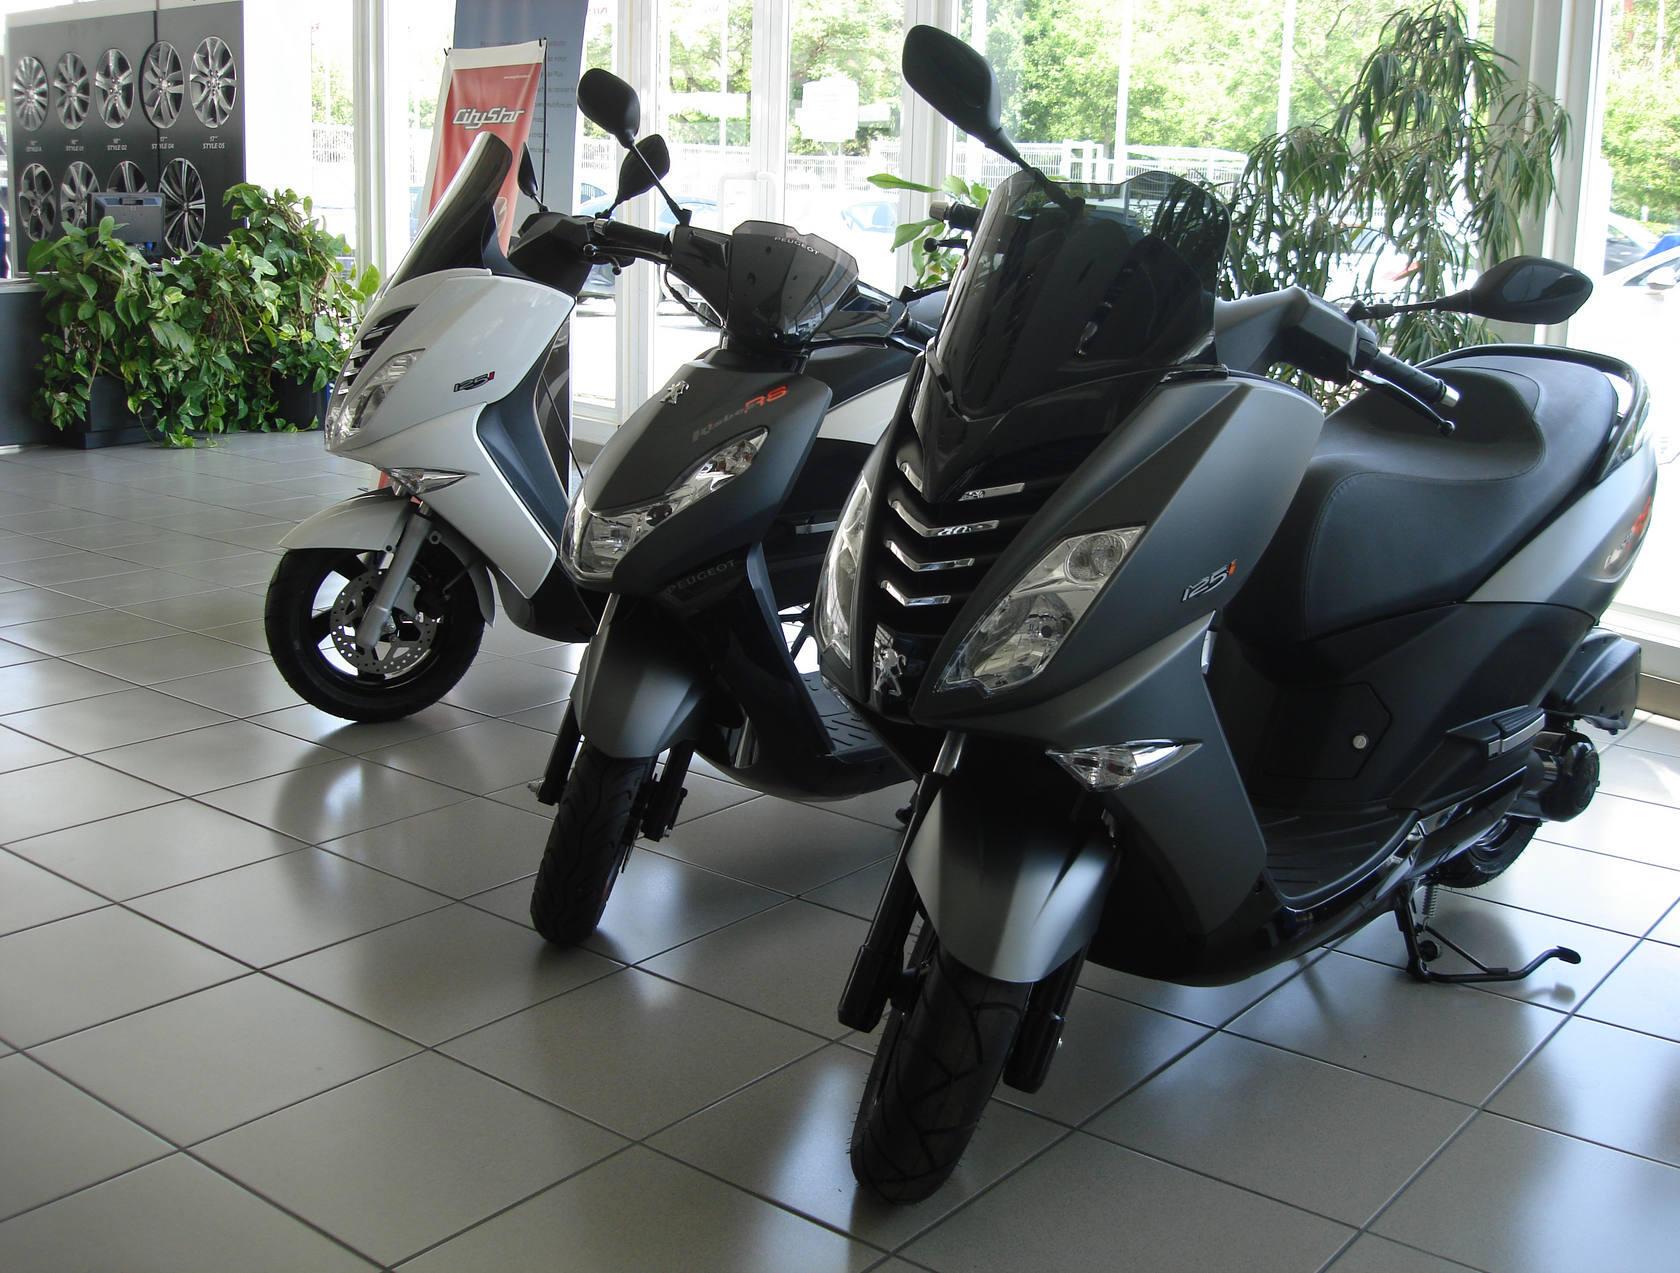 Peugeot Scooters llega a Hispanomoción